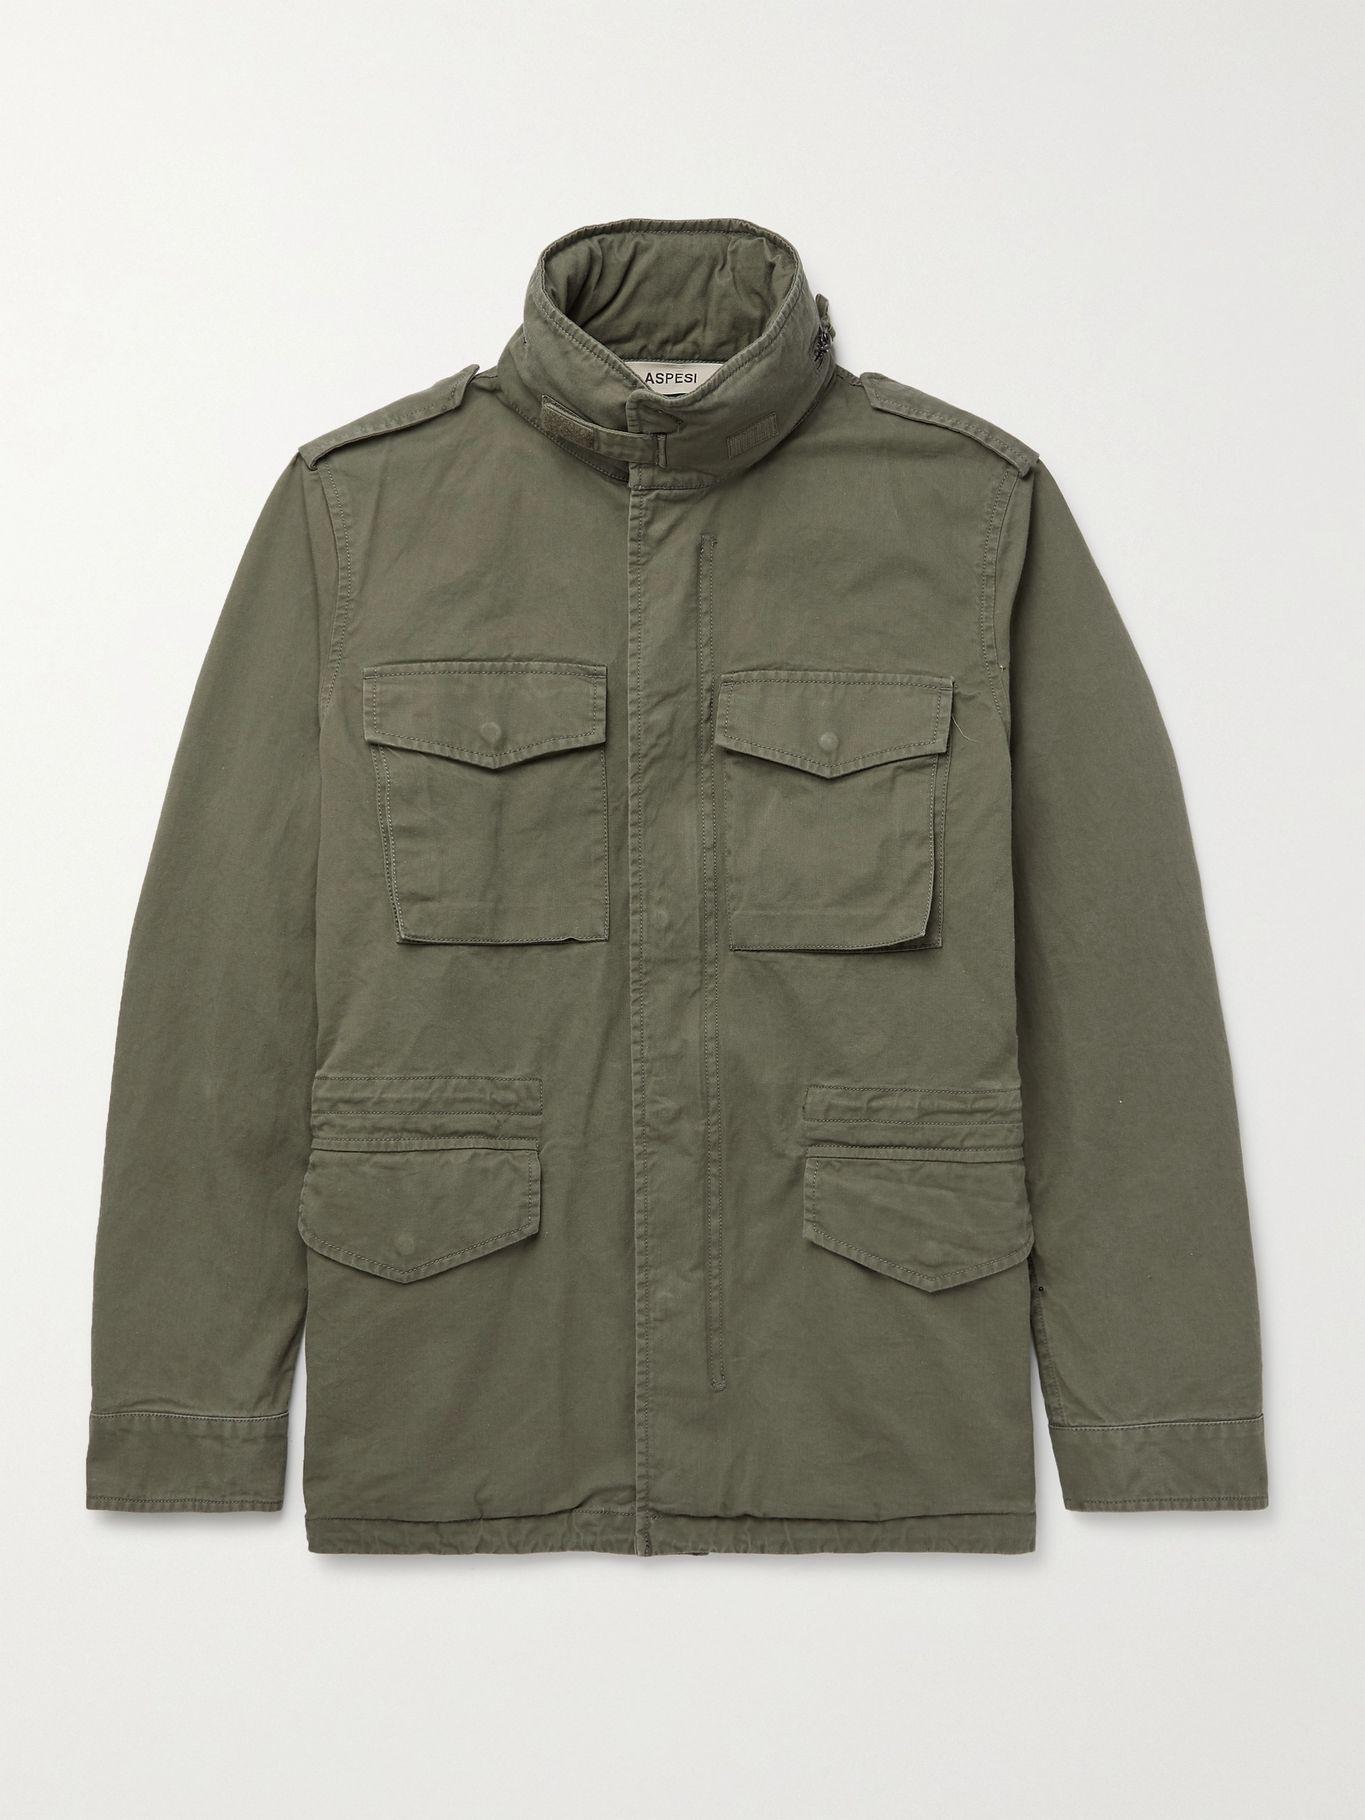 Green field jacket designer